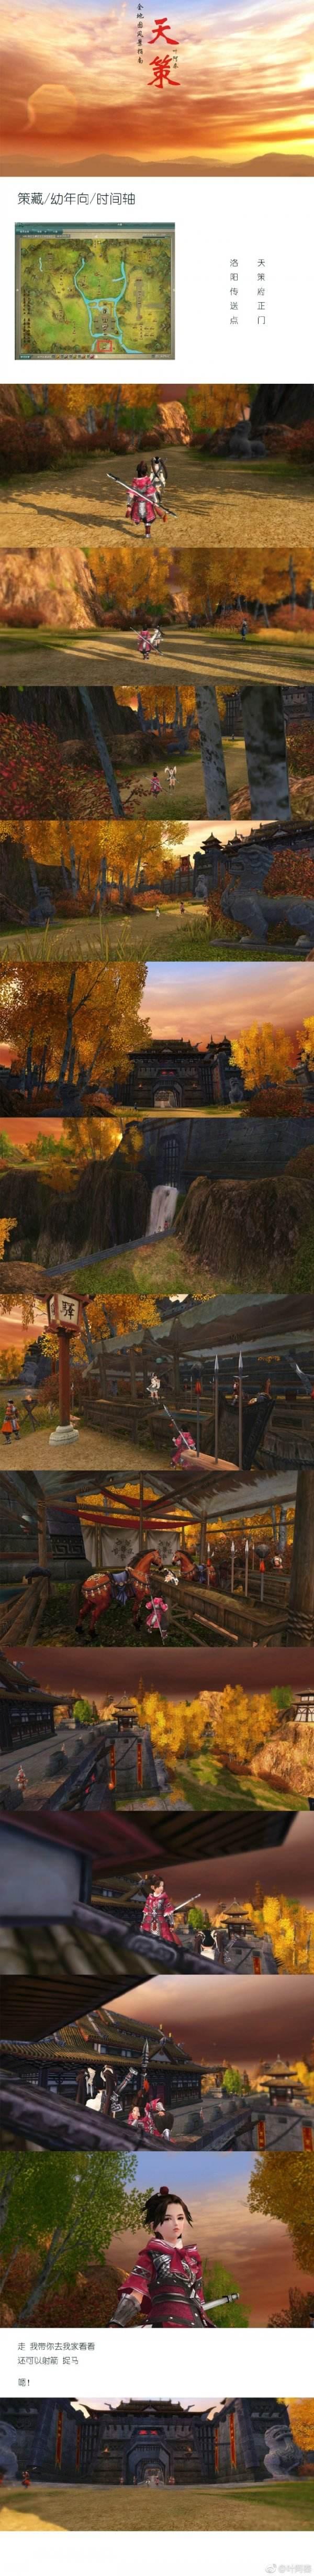 剑网3全图风景天策篇欣赏 夕阳不落 庄严温暖